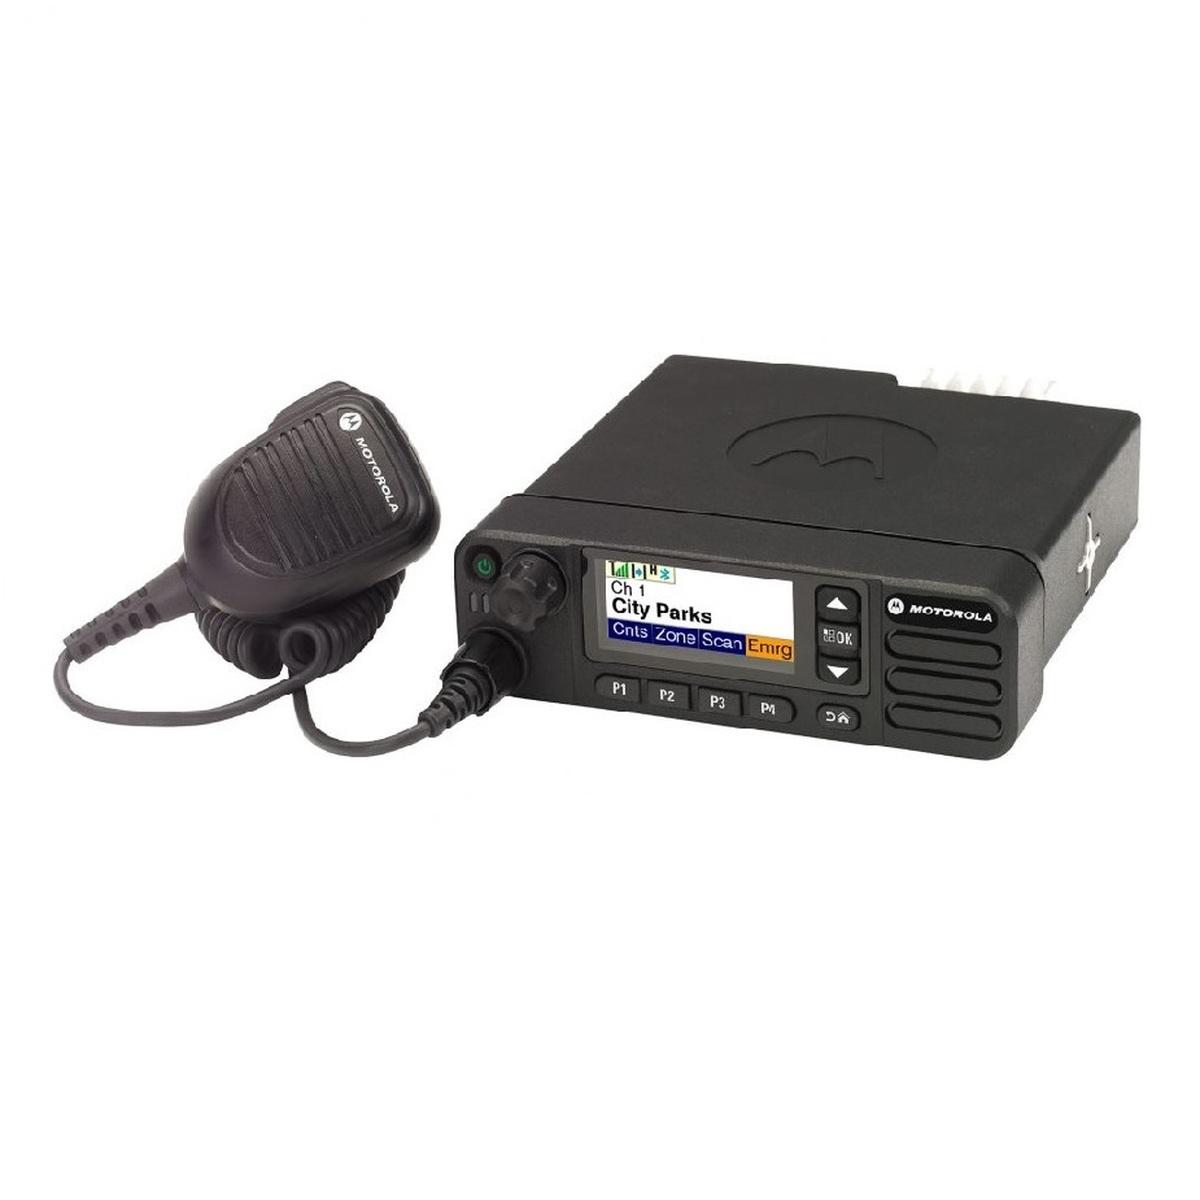 Radio Motorola DGM8500e Digital LAM28JQN9RA1AN VHF 136-174MHz de 45W